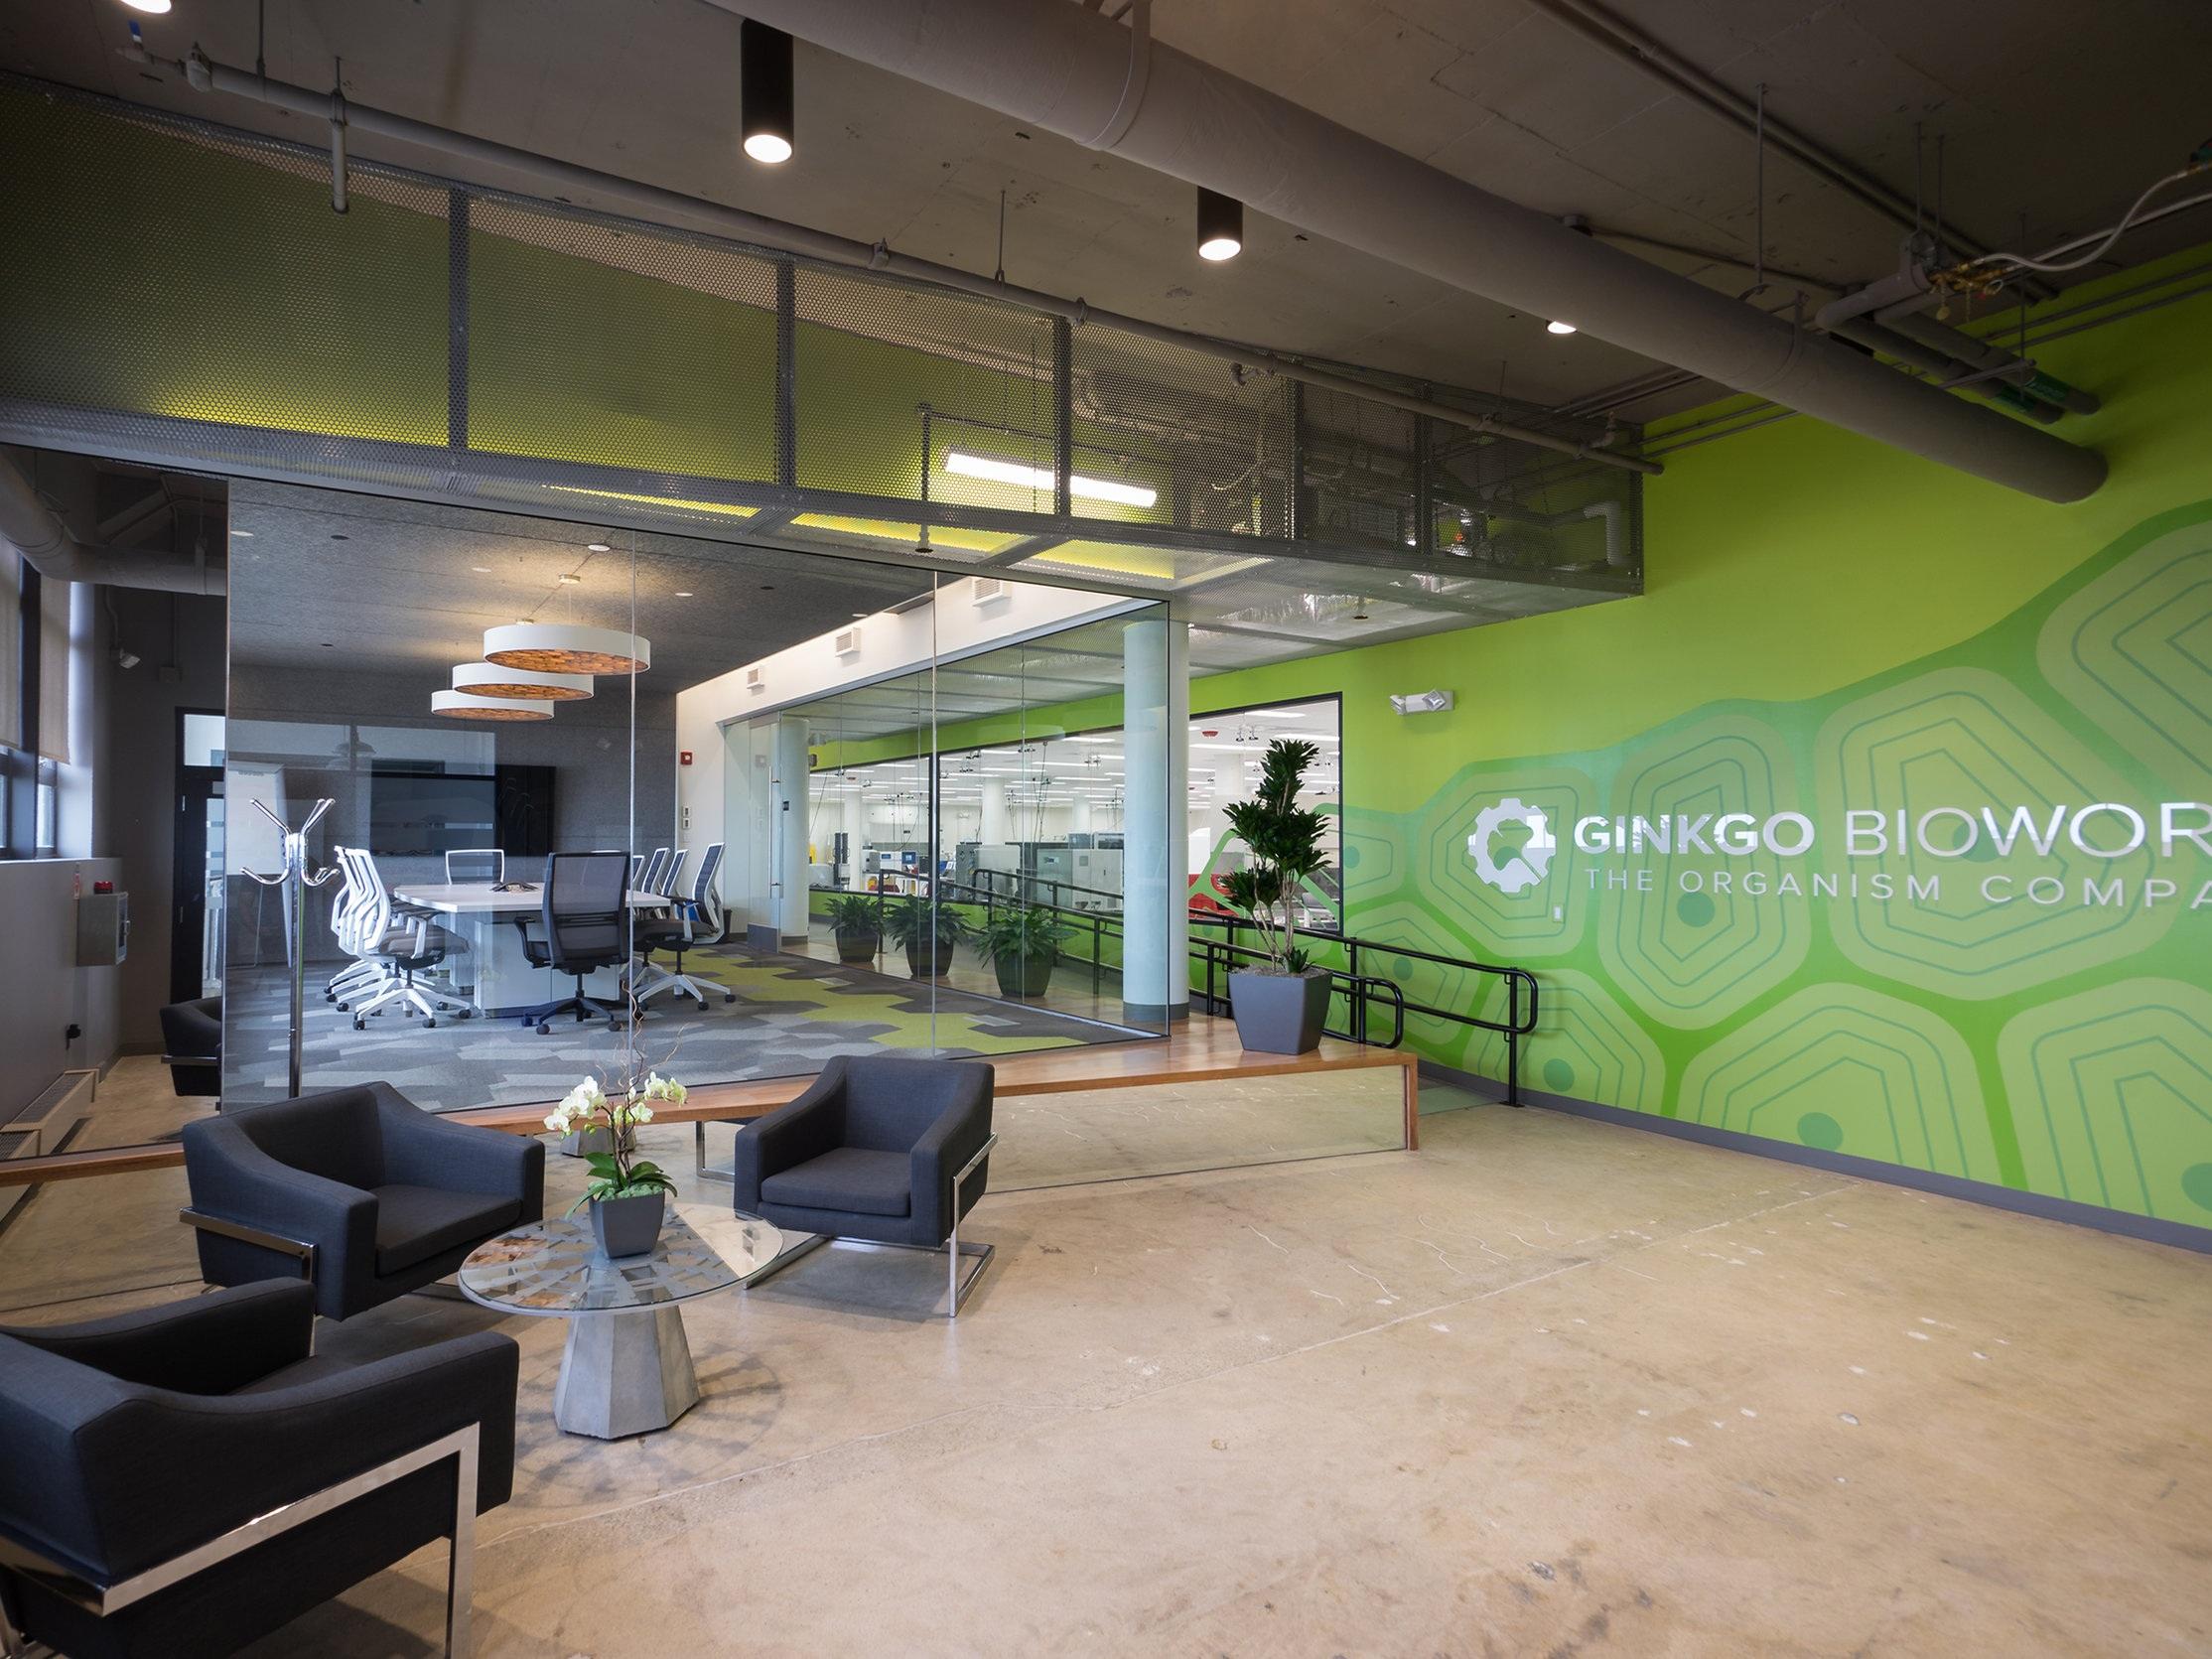 Ginkgo Bioworks 2